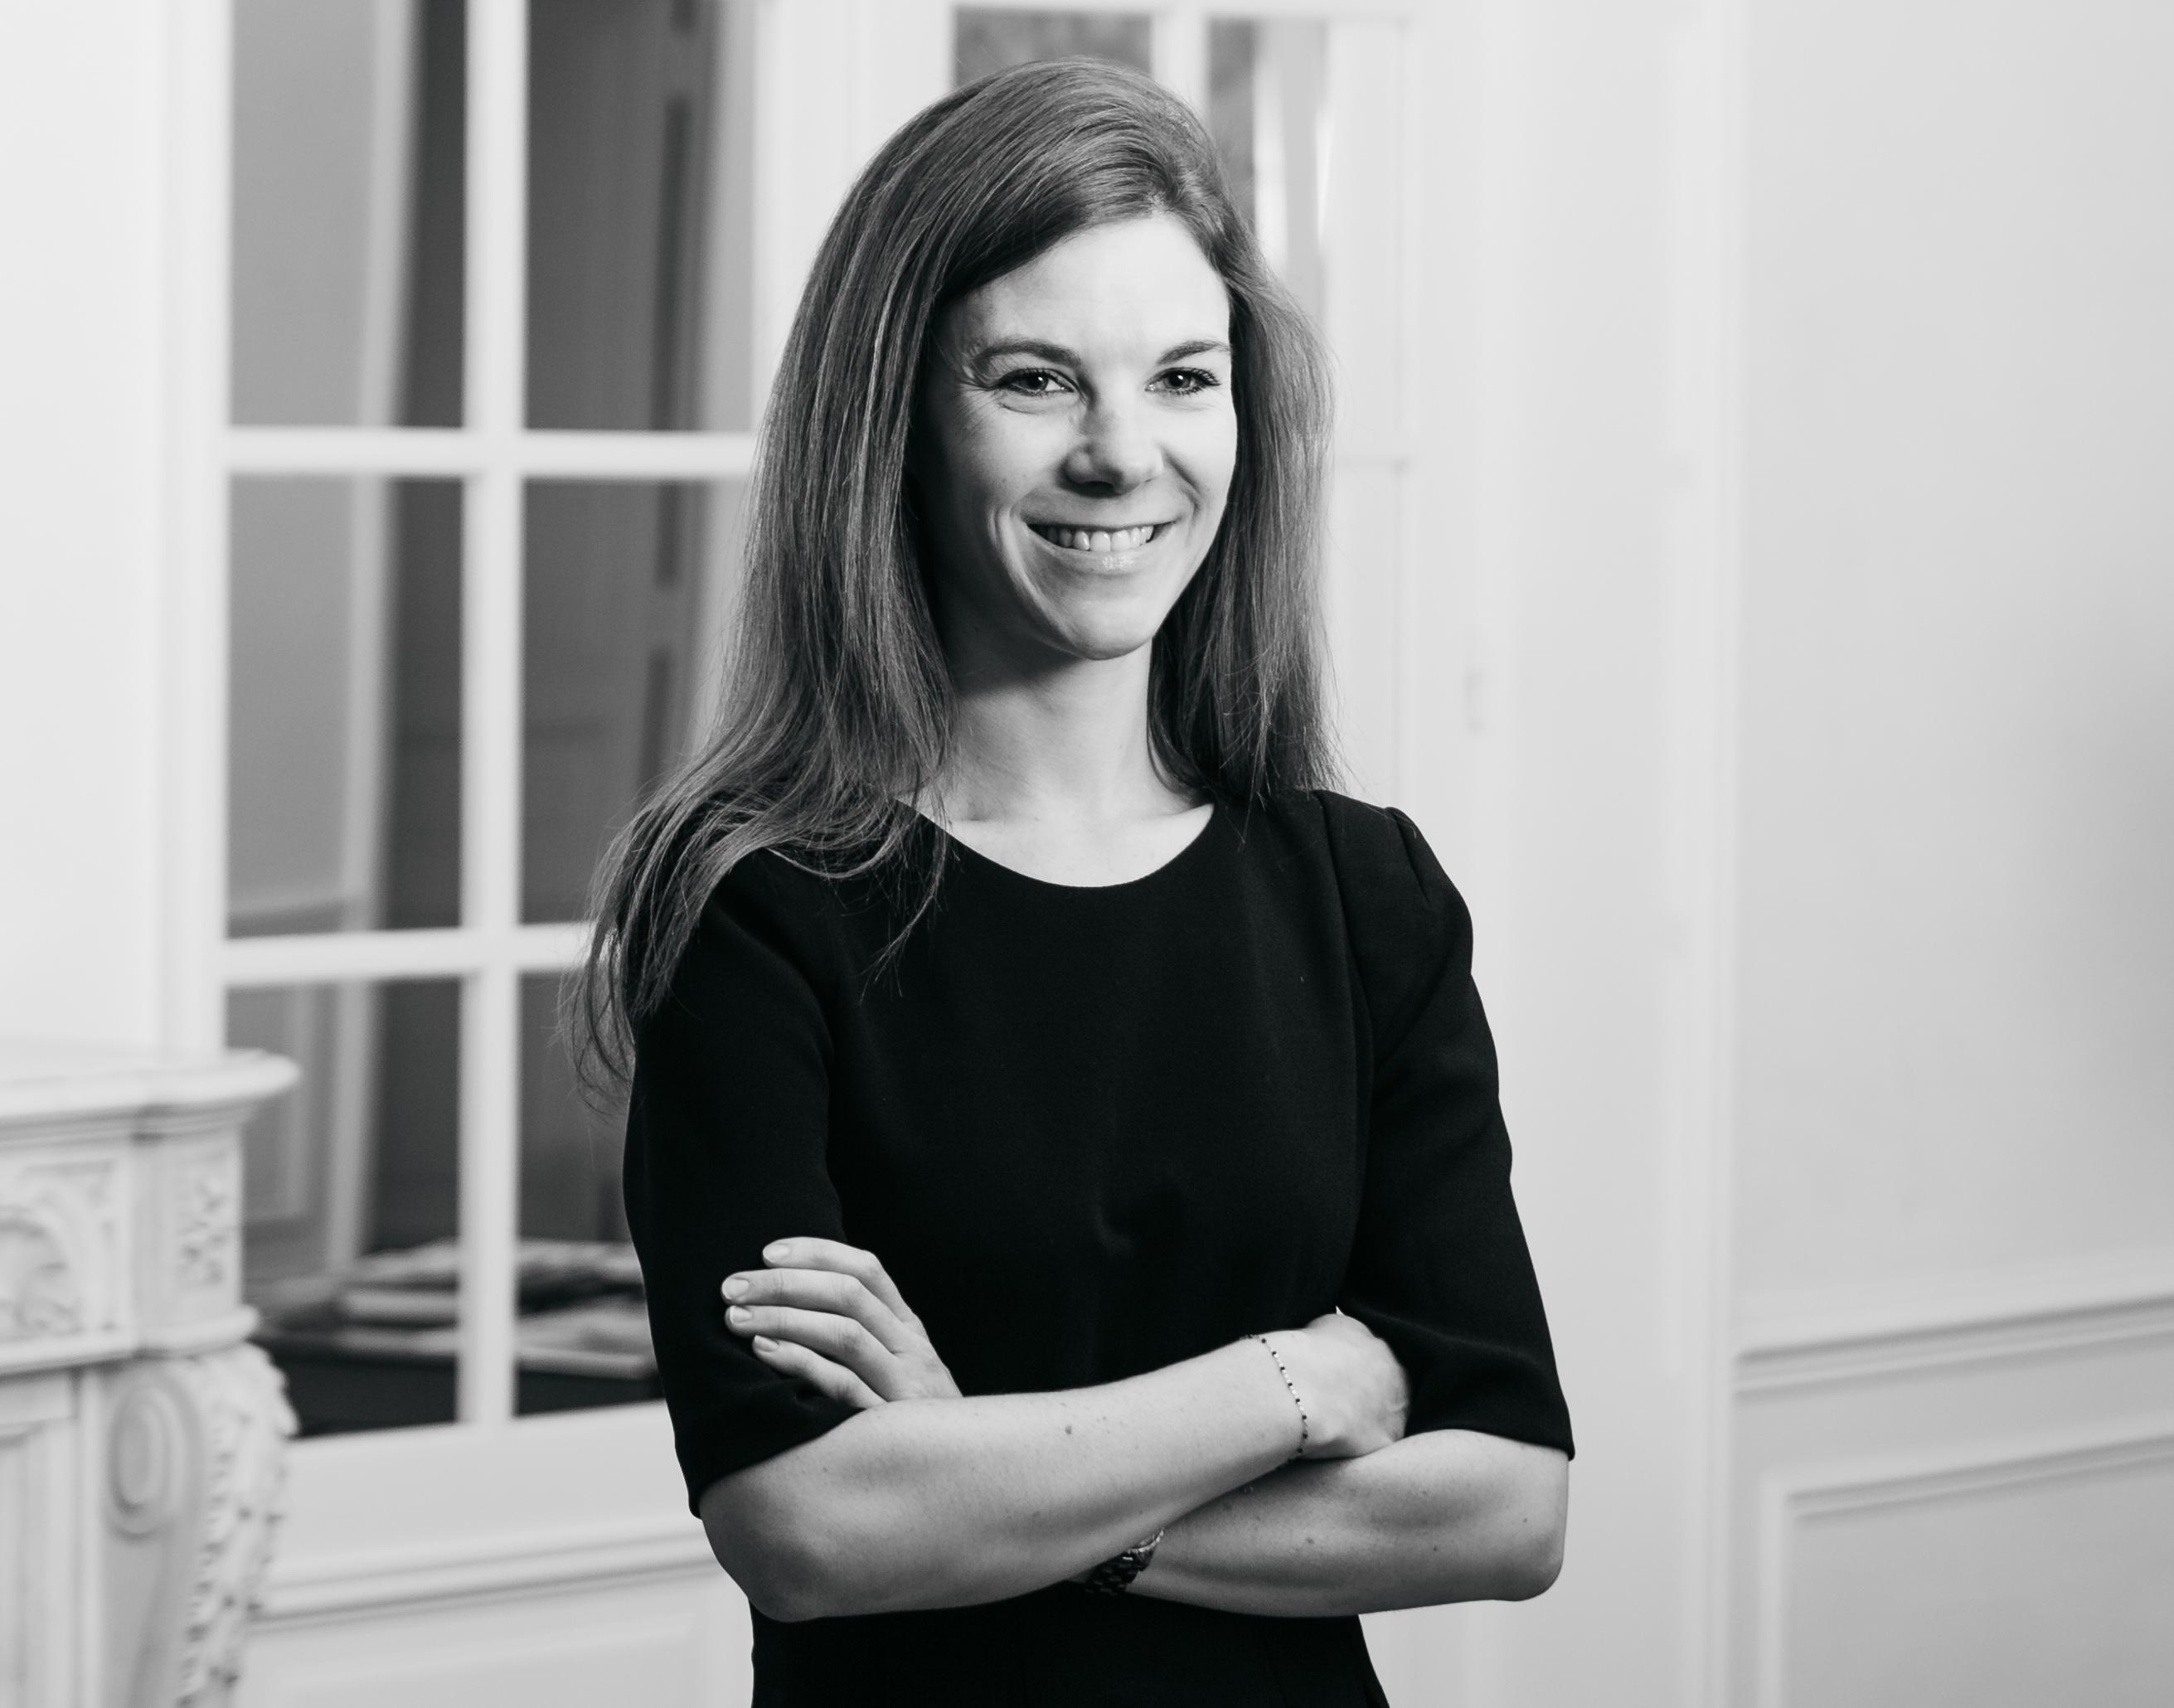 Mathilde Martel, 21 Invest